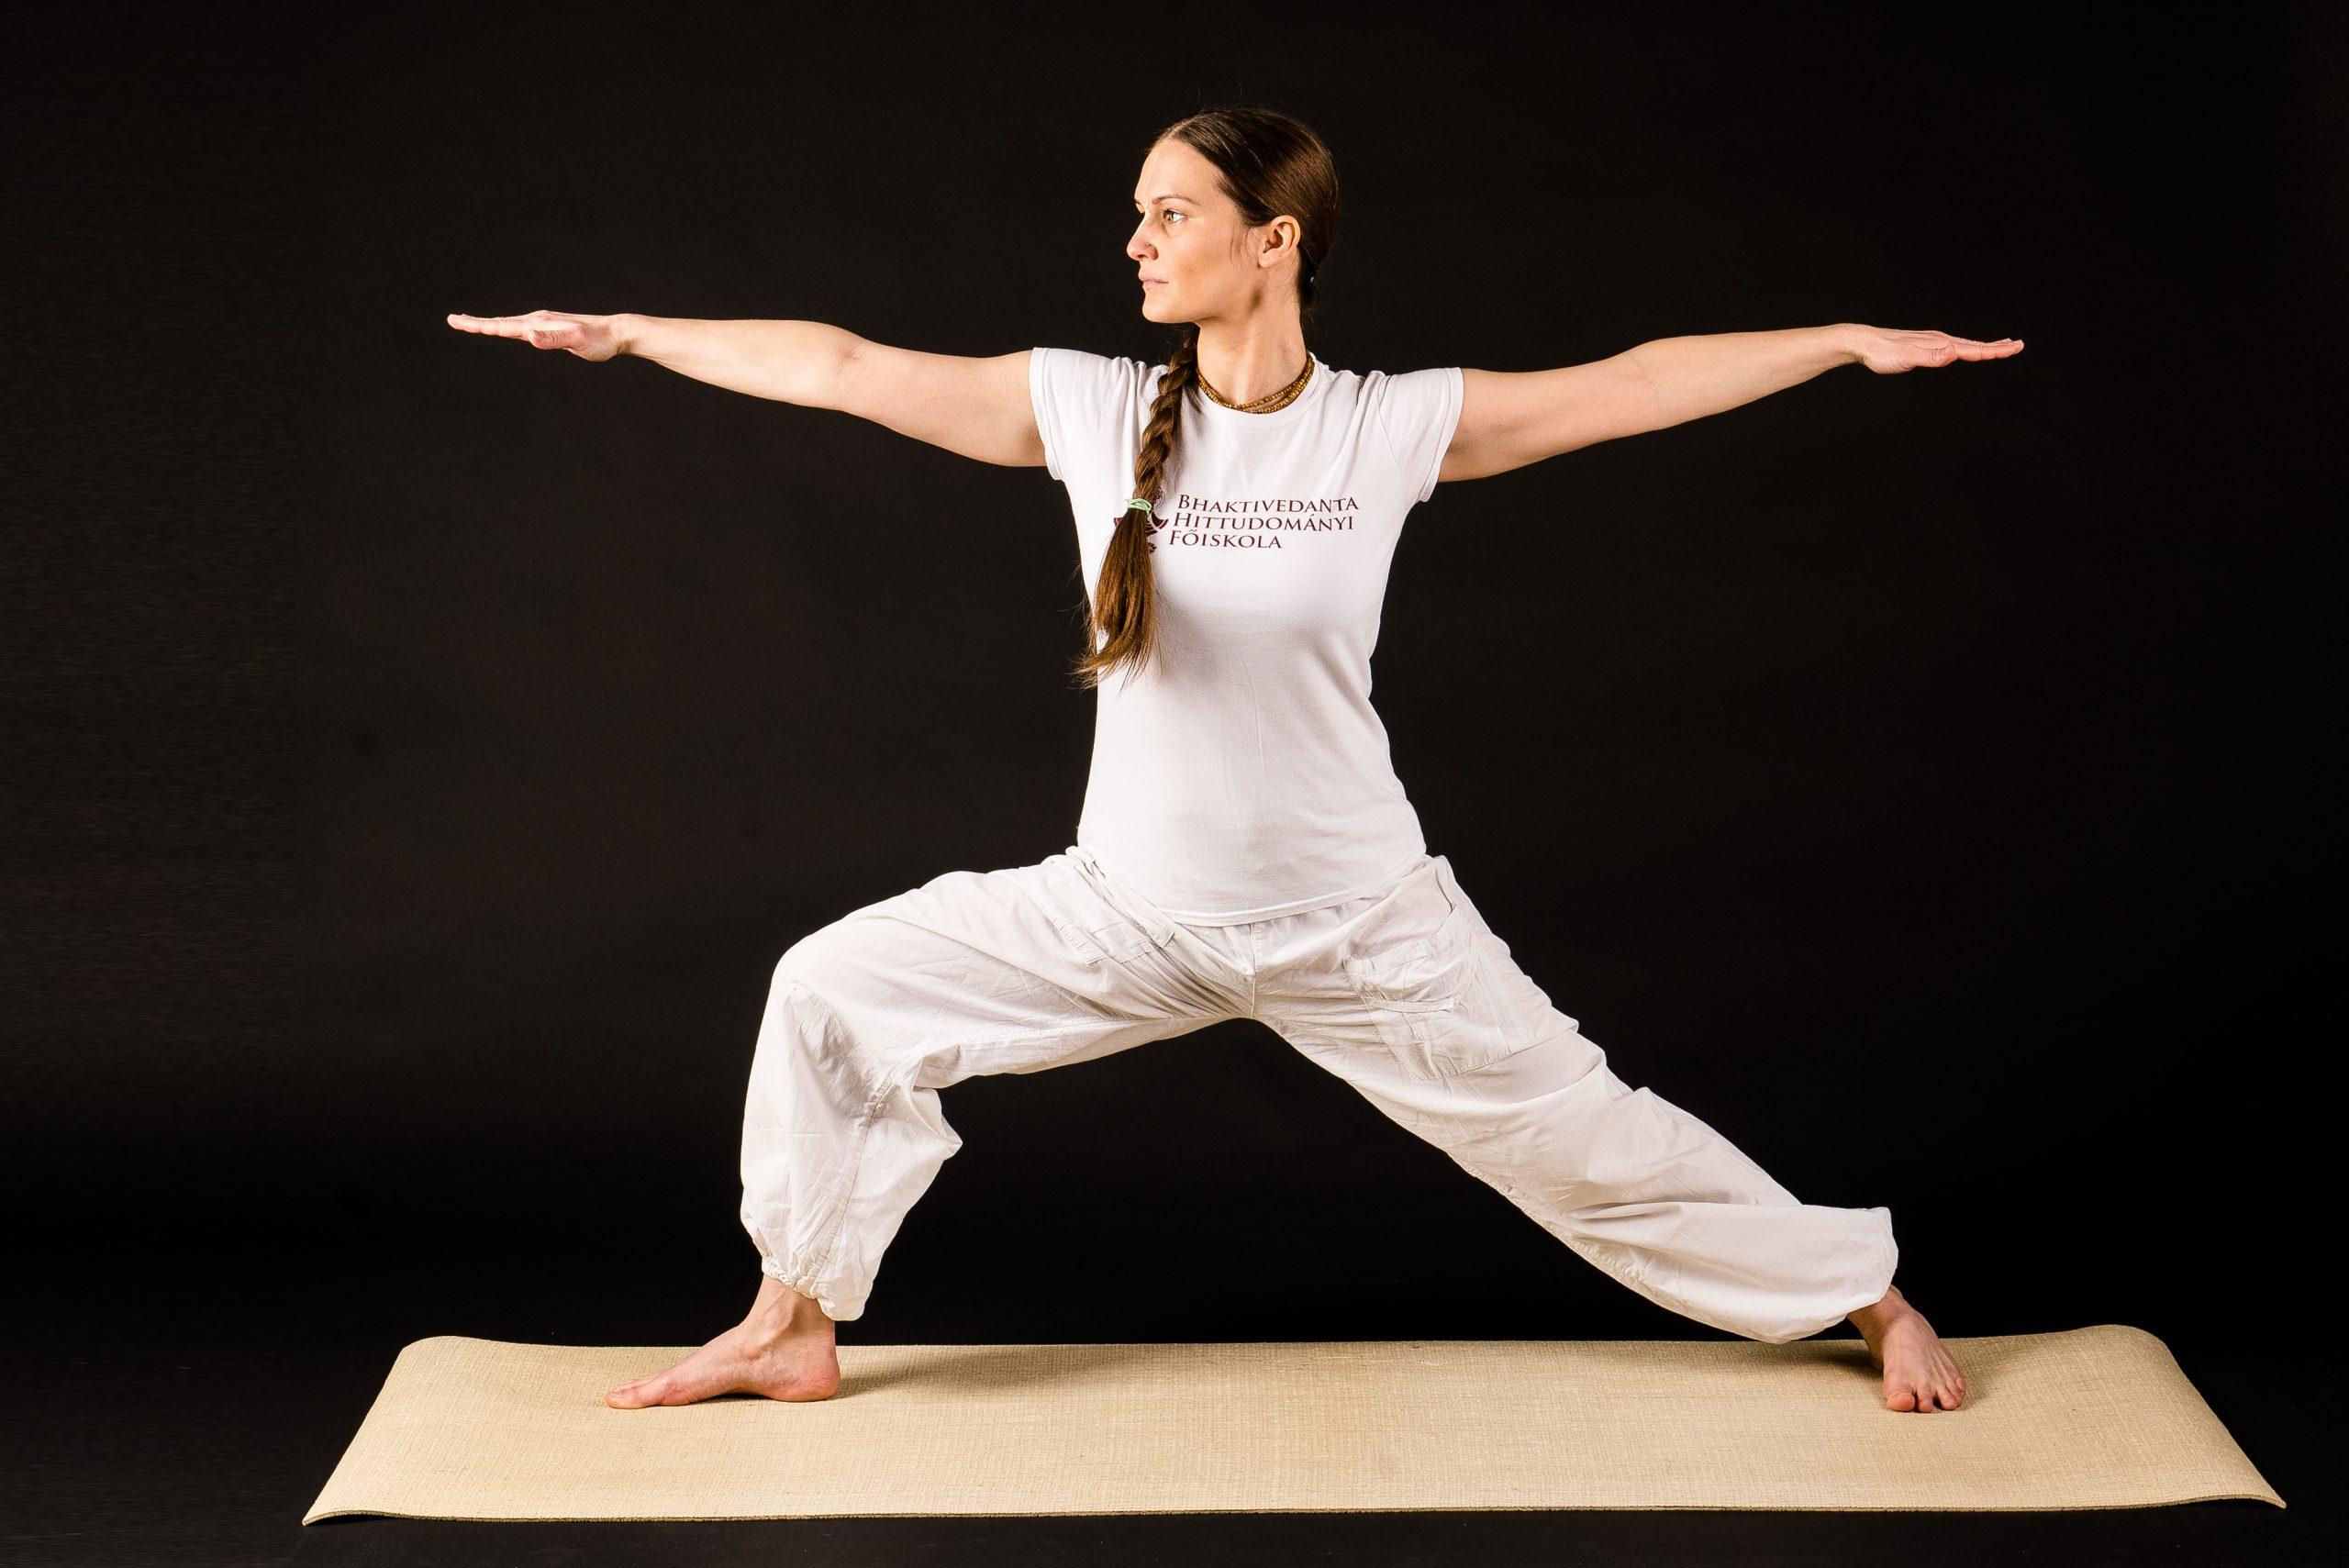 Gyakorlatok magas vérnyomásra   siofokmaraton.hu - Meteo Klinika - Humánmeteorológia